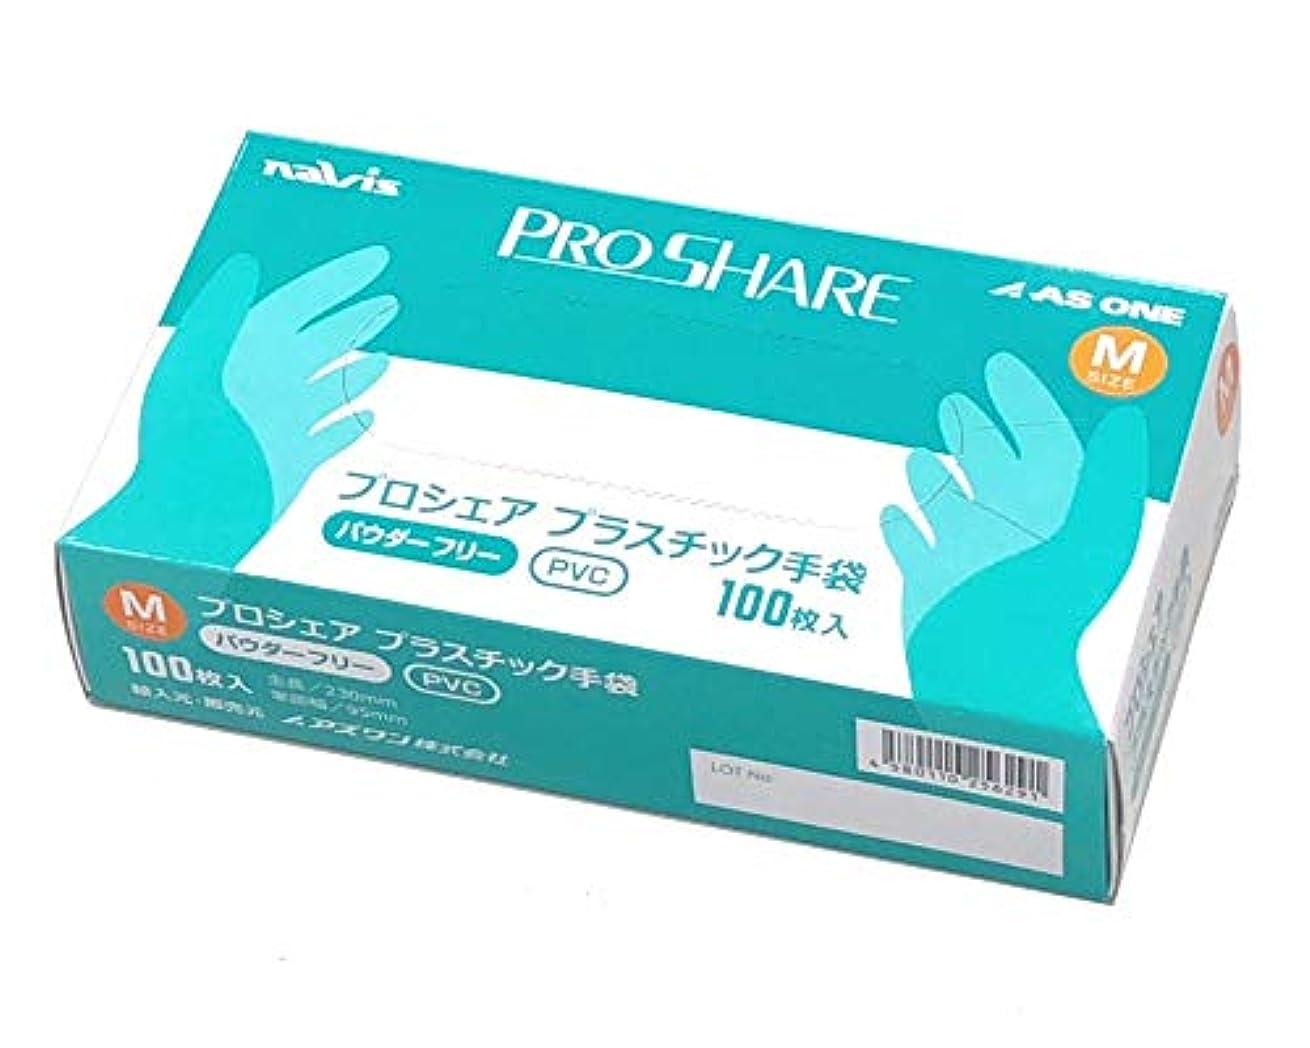 大胆な健康降伏ナビス プロシェア 使い捨て プラスチック手袋 パウダー無 M 1箱(100枚入) / 8-9569-02